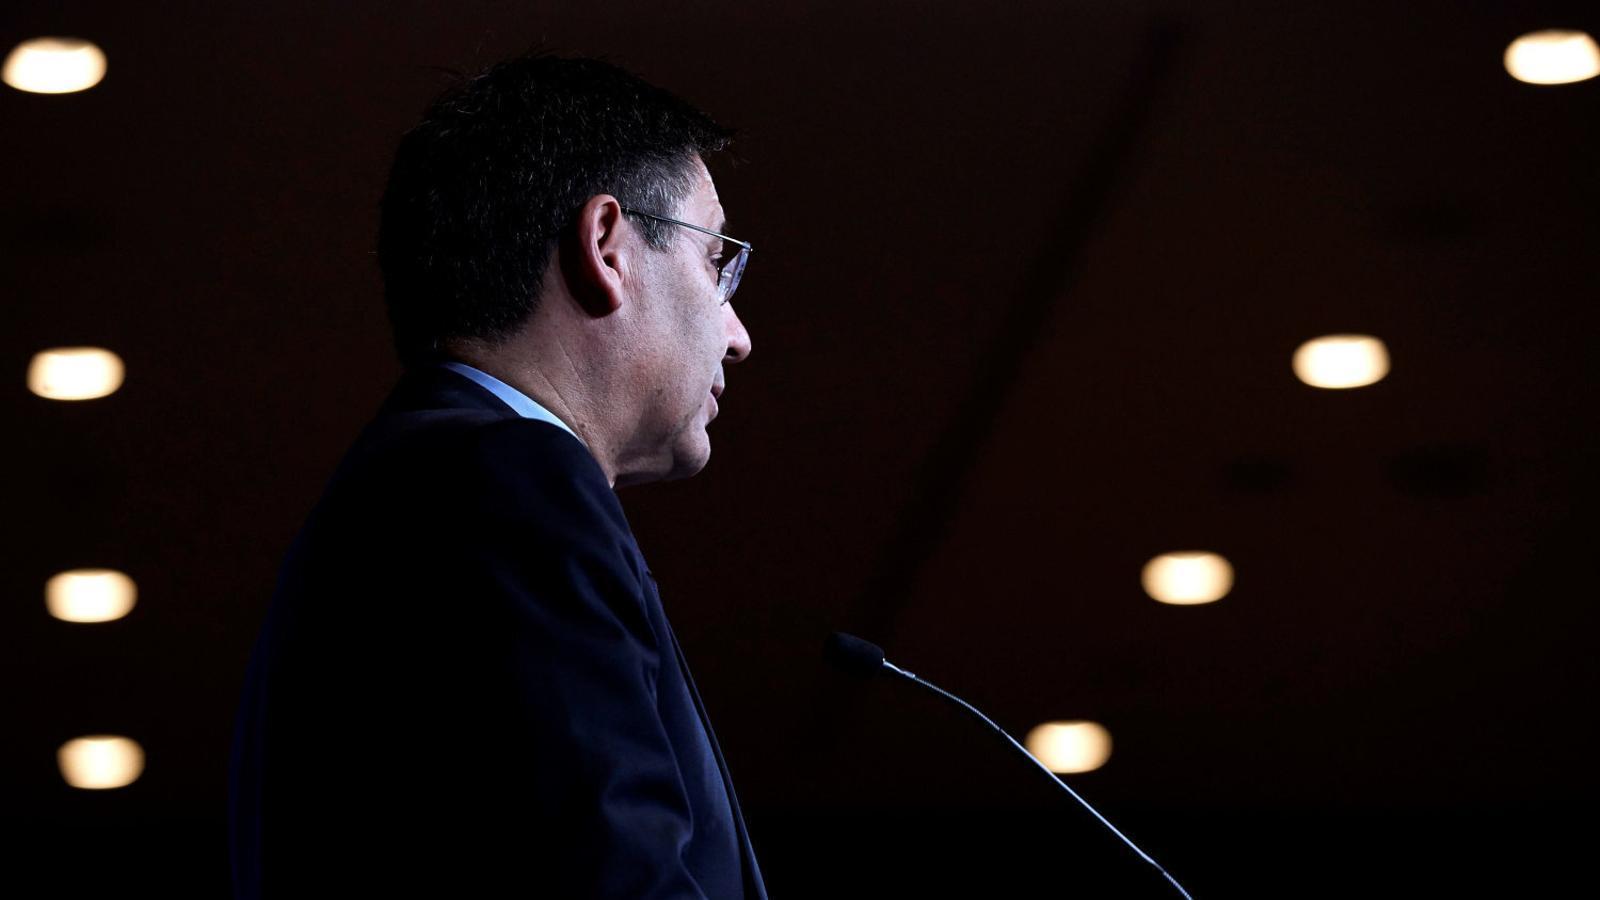 La junta gestora acomiada Jaume Masferrer, que havia recuperat les seves funcions després de l'auditoria del Barçagate